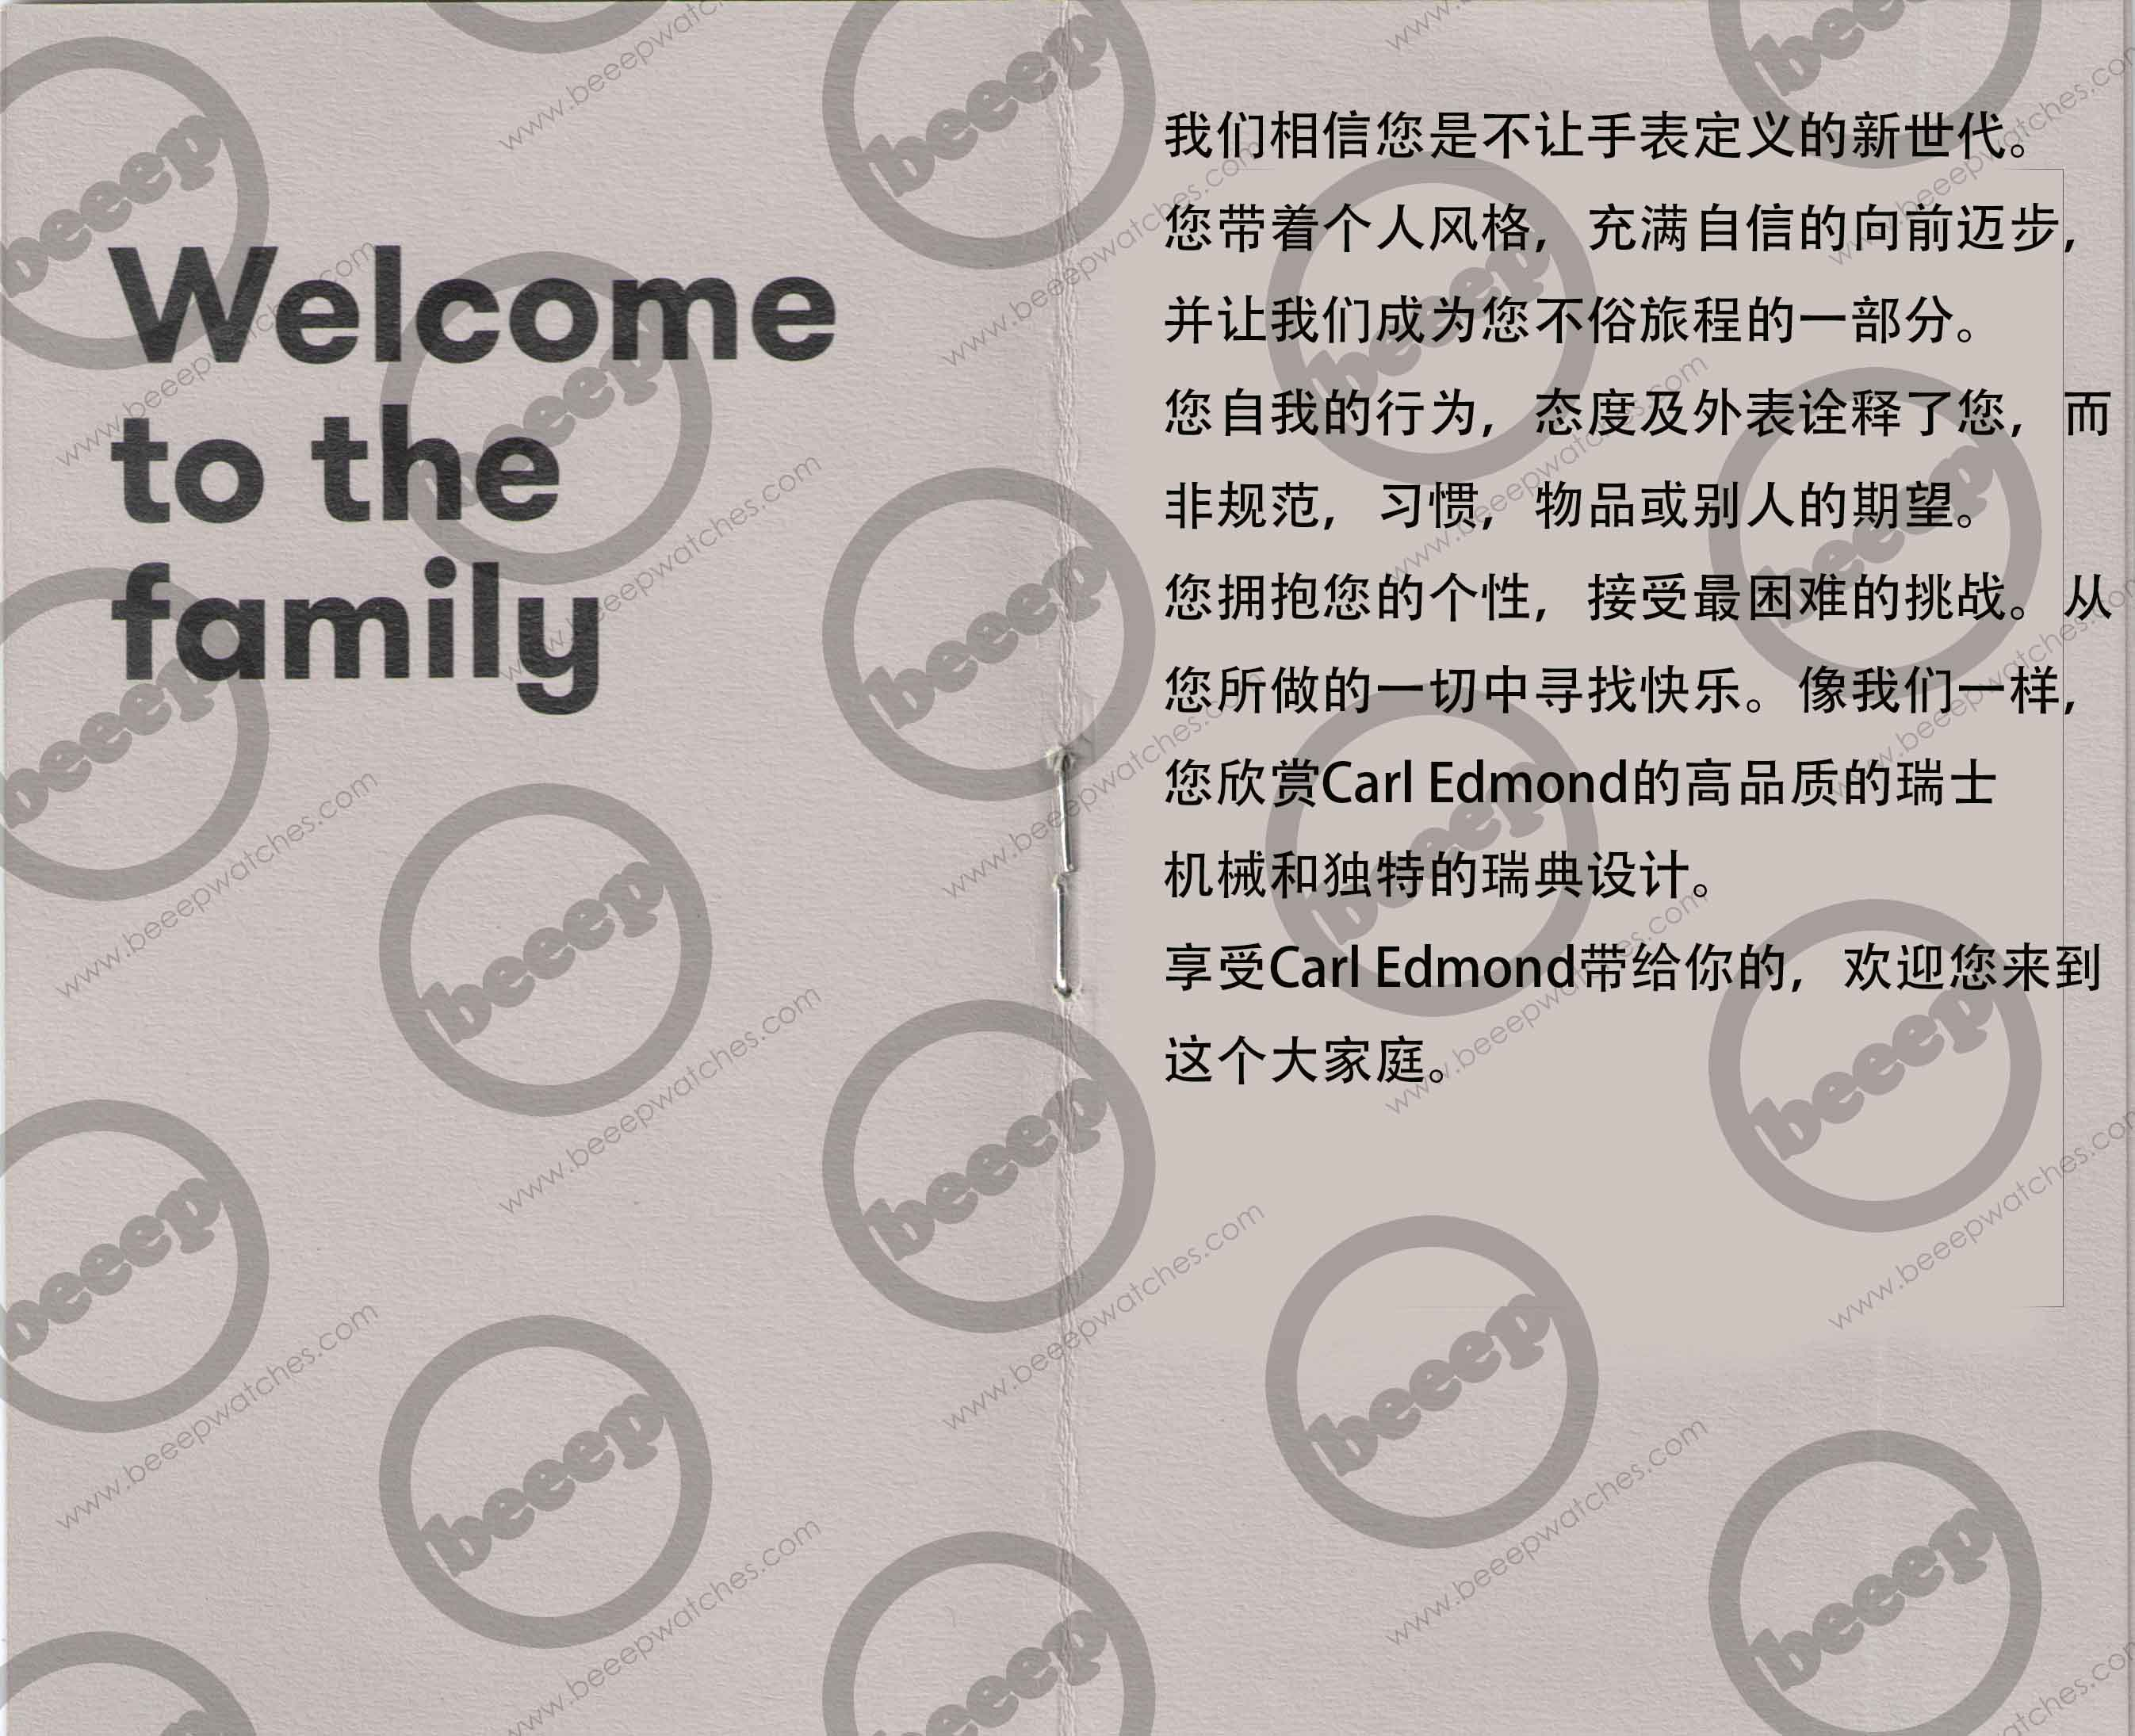 CE说明书3翻译